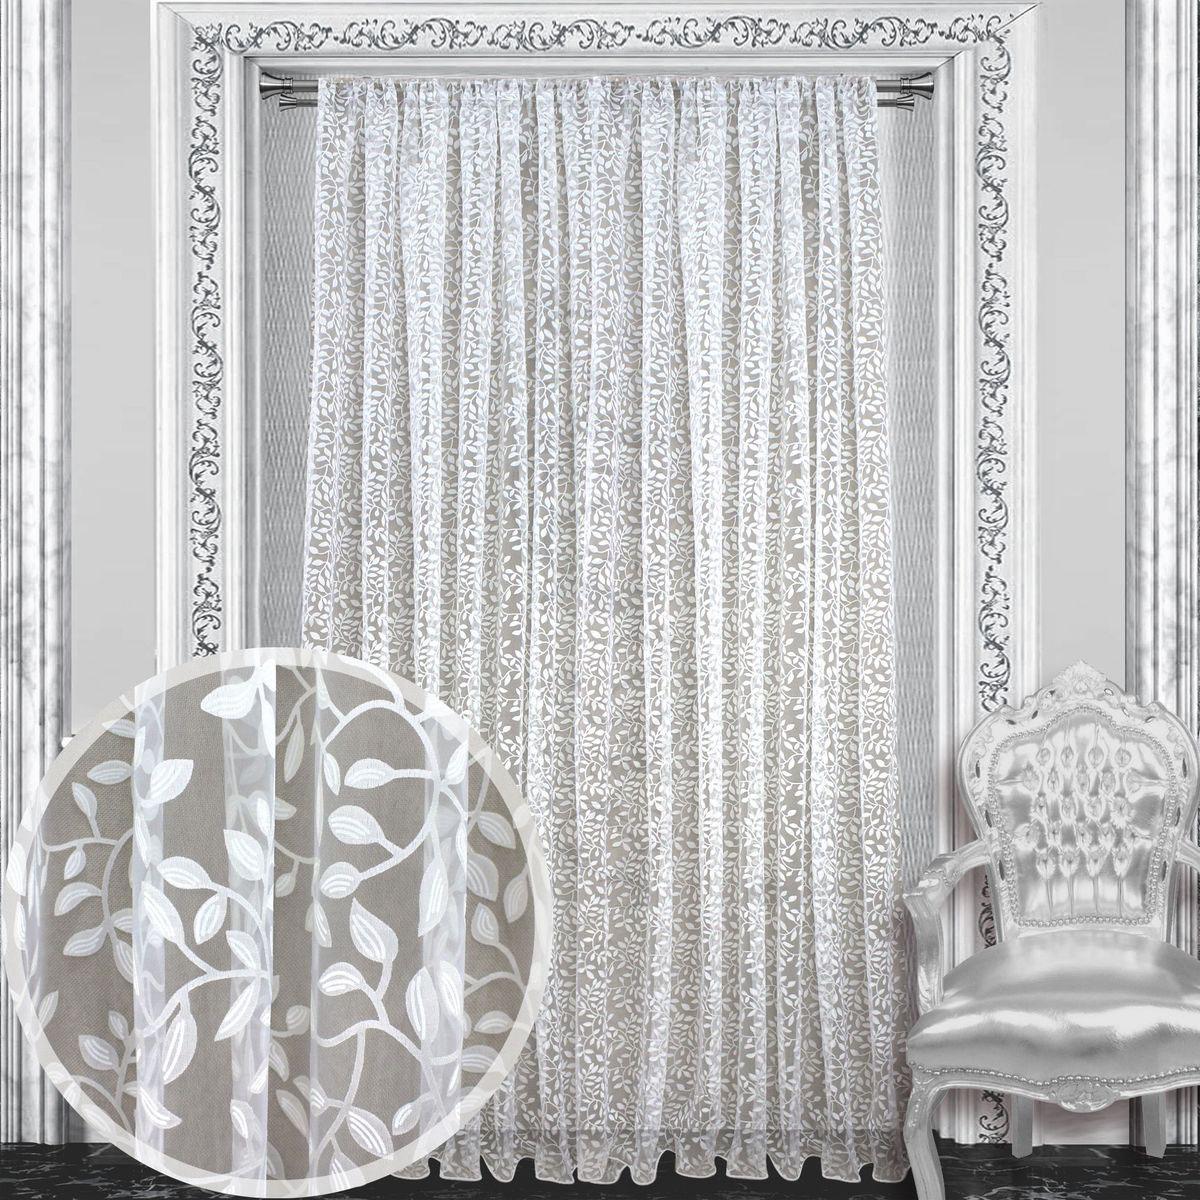 Тюль Amore Mio, на ленте, цвет: белый, высота 270 см. 86115CLP446Тюль Amore Mio изготовлен из 100% полиэстера. Воздушная ткань привлечет к себе внимание и идеально оформит интерьер любого помещения. Полиэстер - вид ткани, состоящий из полиэфирных волокон. Ткани из полиэстера легкие, прочные и износостойкие. Такие изделия не требуют специального ухода, не пылятся и почти не мнутся.Крепление к карнизу осуществляется при помощи вшитой шторной ленты.